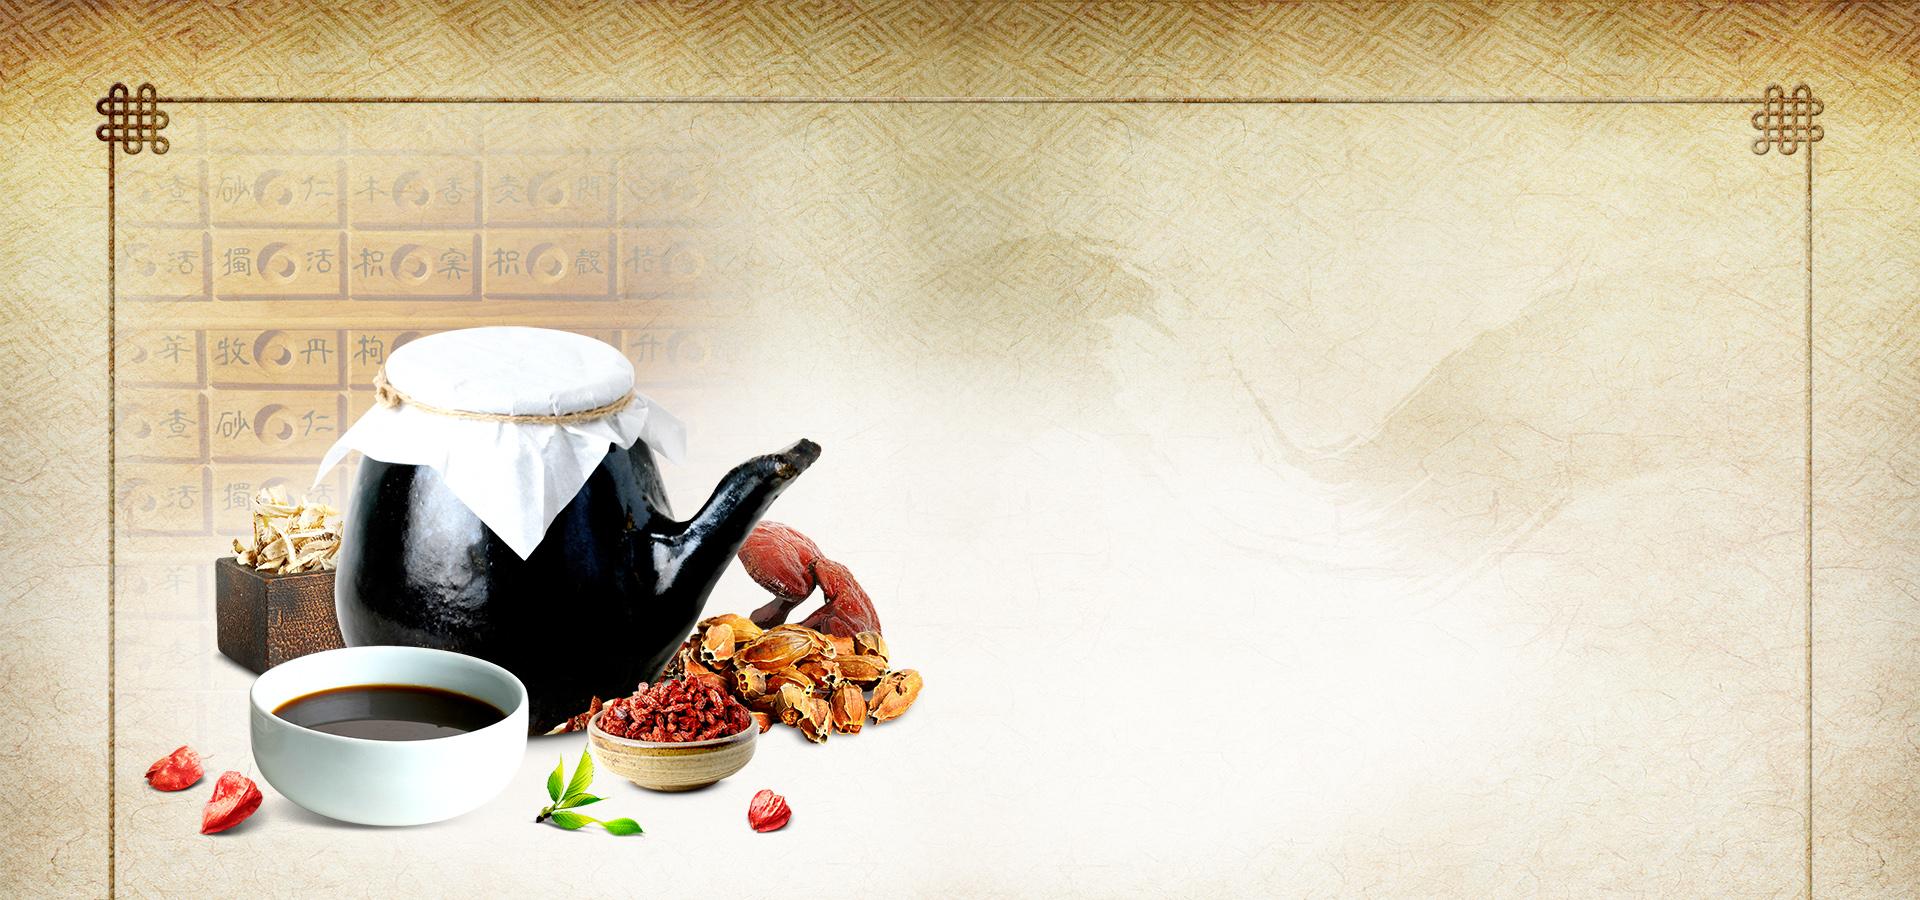 medicina chinesa de gastronomia gourmet alimentos t u00f4nicos